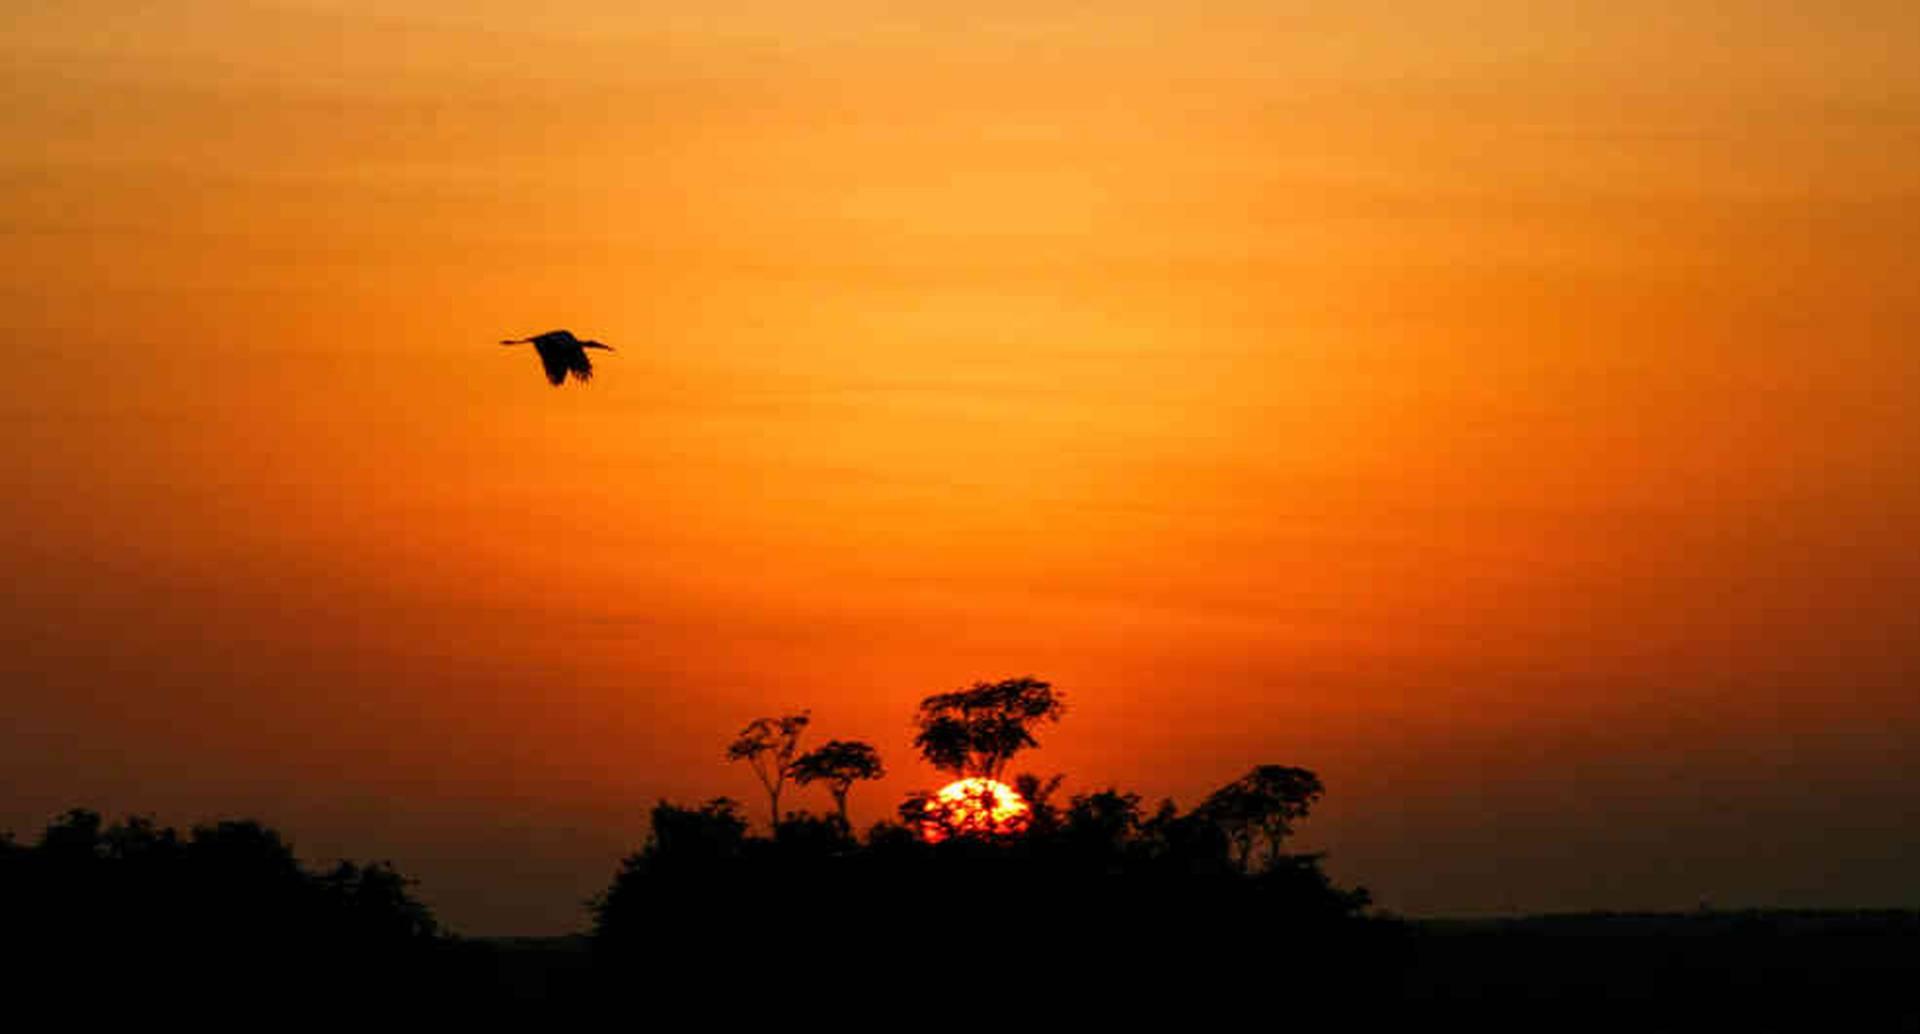 Un típico atardecer llanero, donde los morichales y las aves conviven.